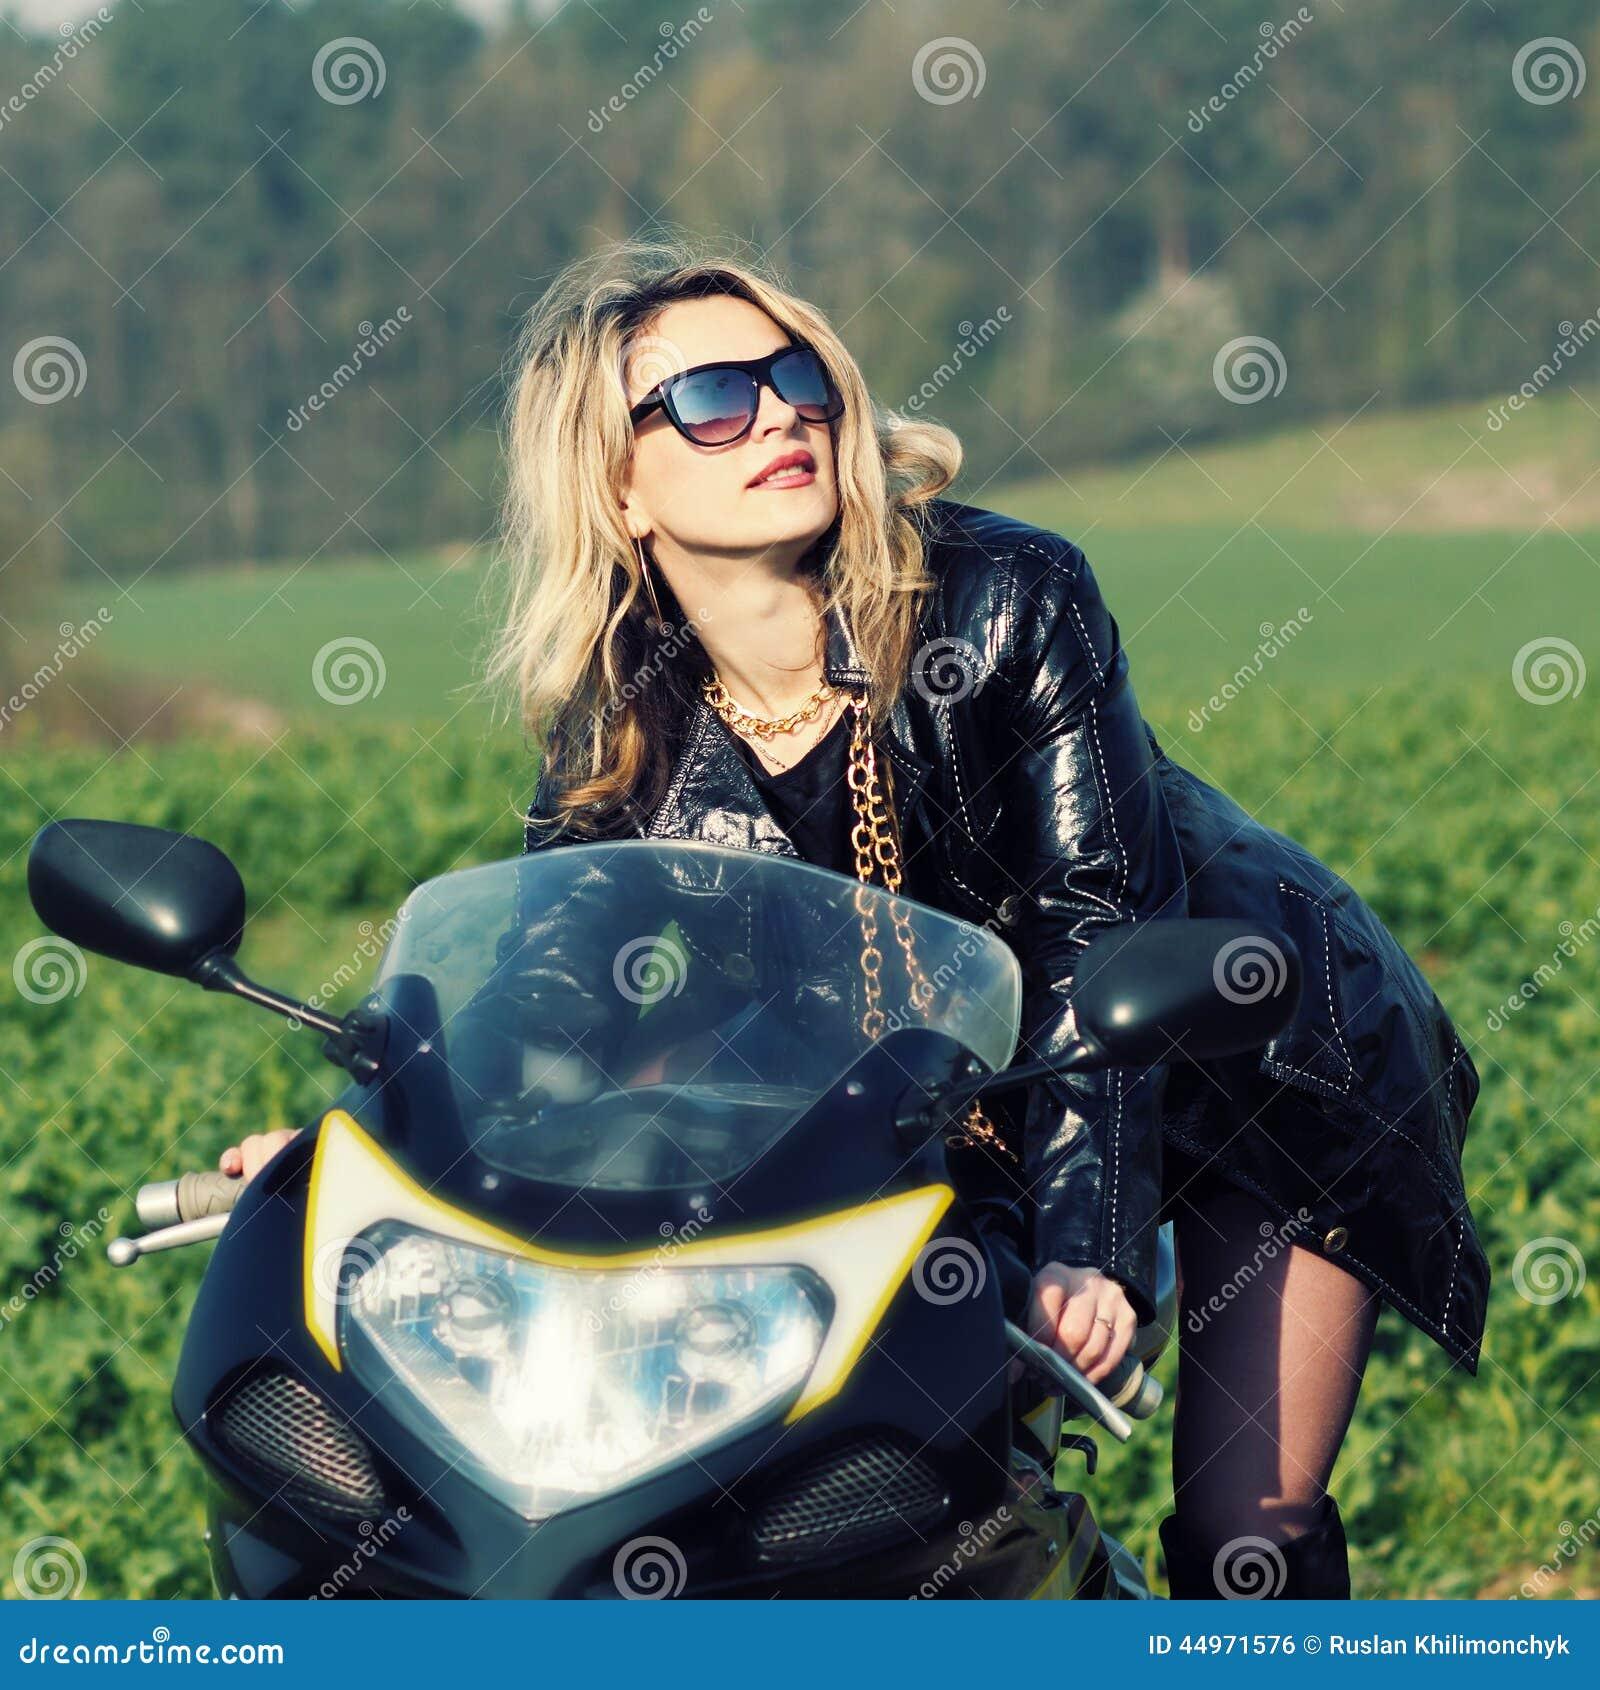 femme blonde dans des lunettes de soleil sur une moto de sports photo stock image du couleur. Black Bedroom Furniture Sets. Home Design Ideas